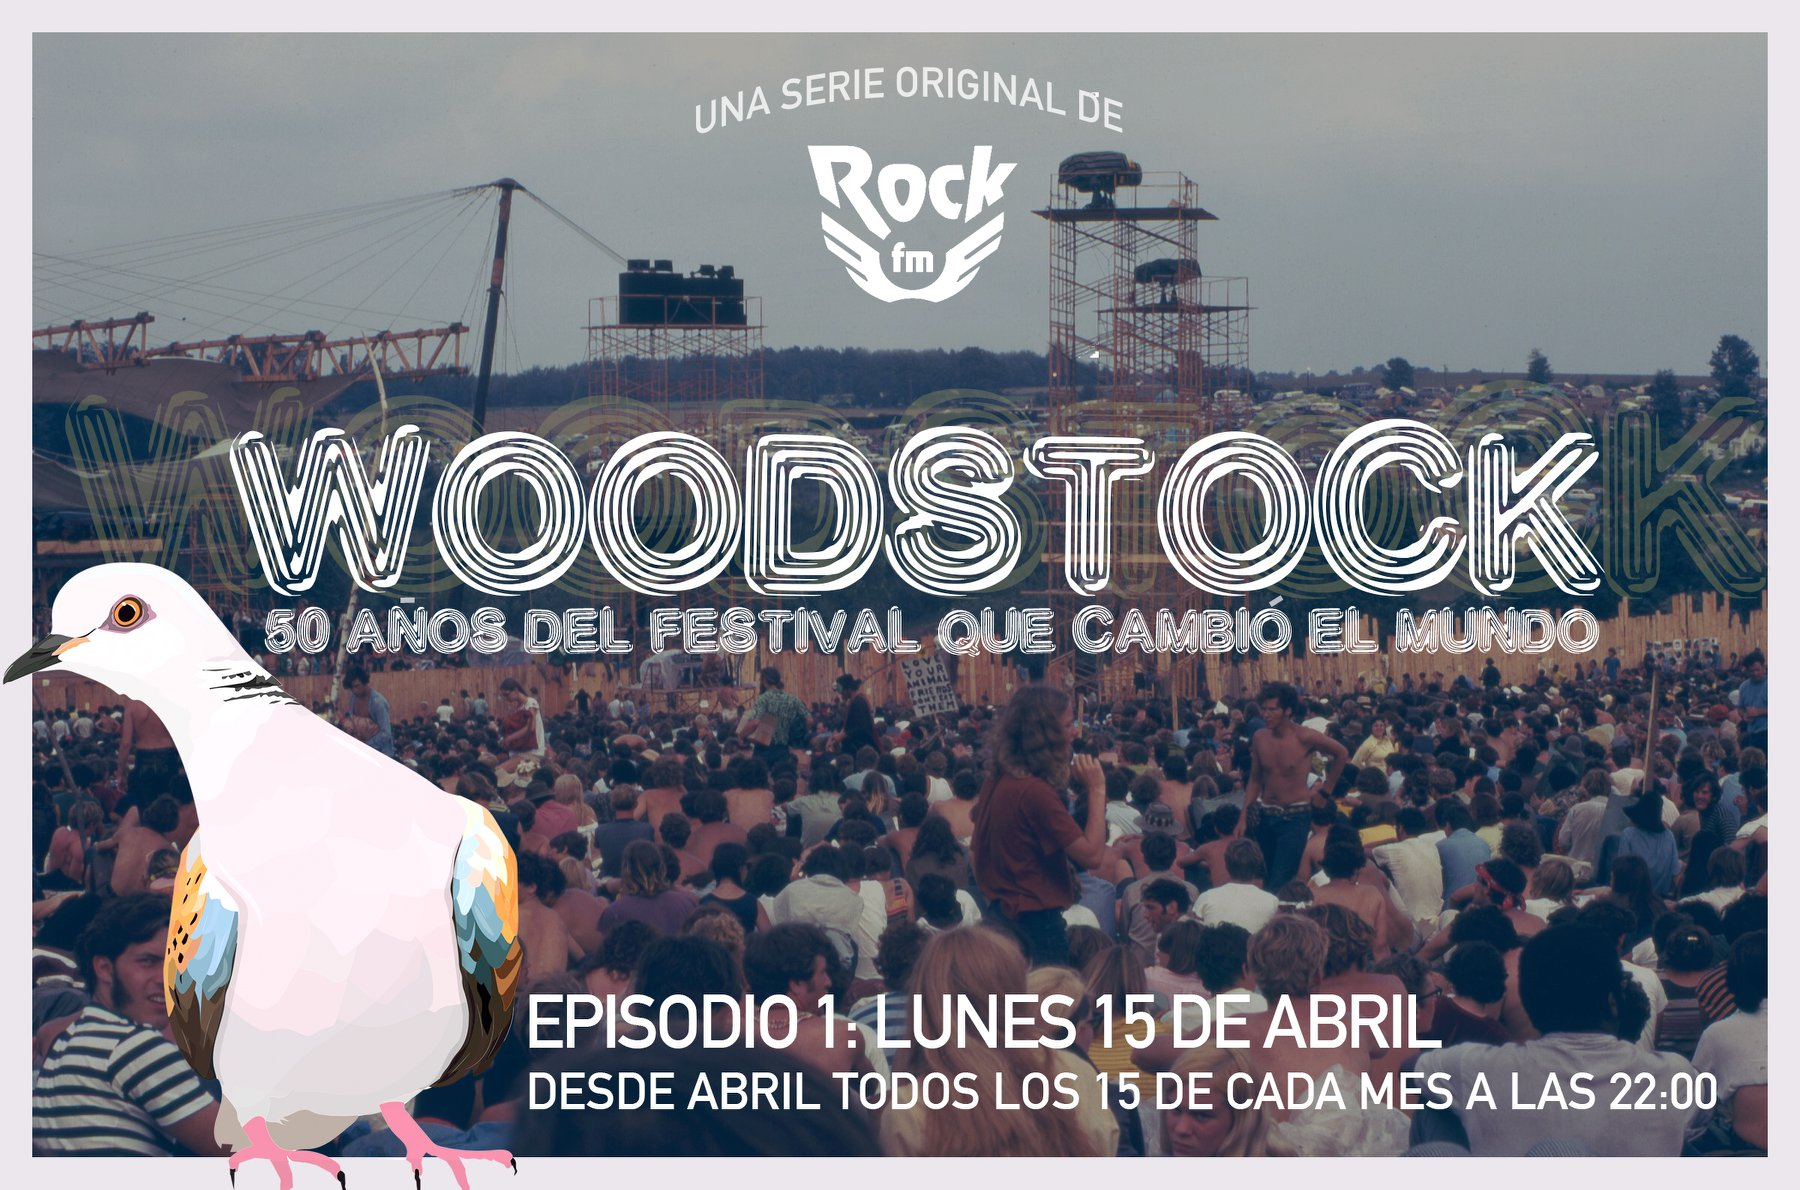 Woodstock Rock FM